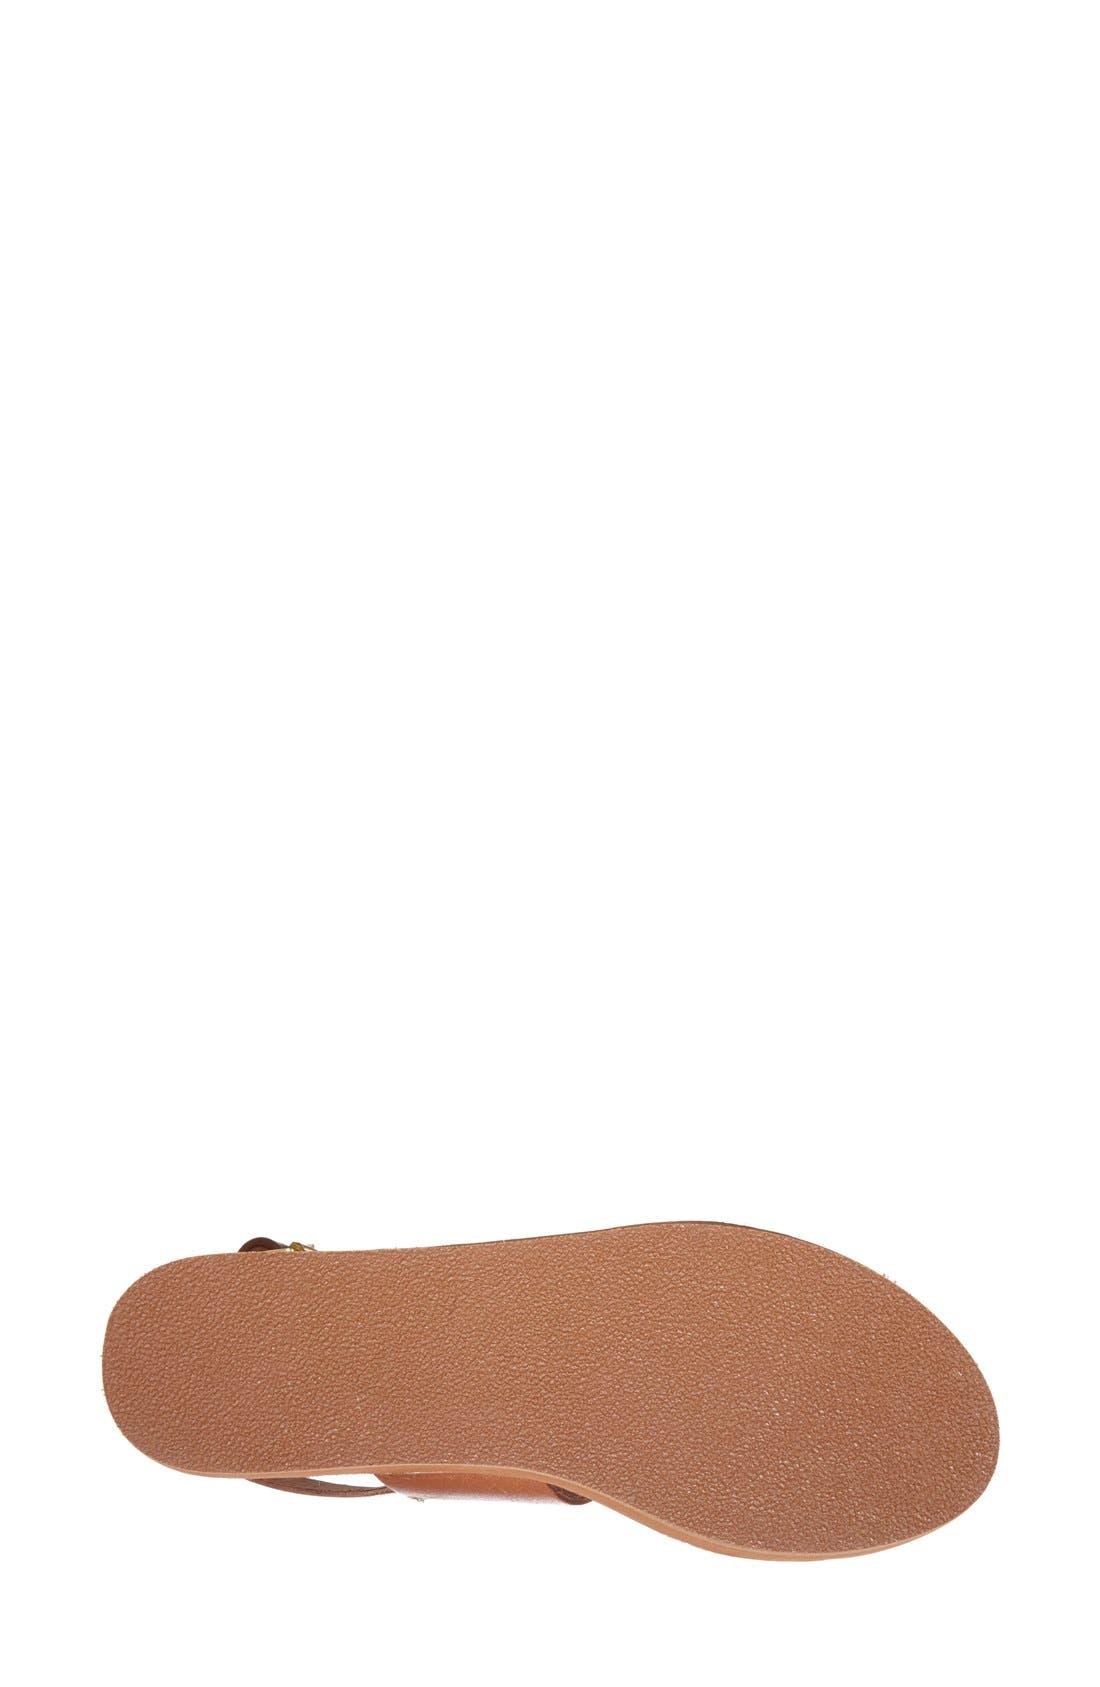 Alternate Image 4  - Steve Madden 'Orka' Ankle Strap Sandal (Women)